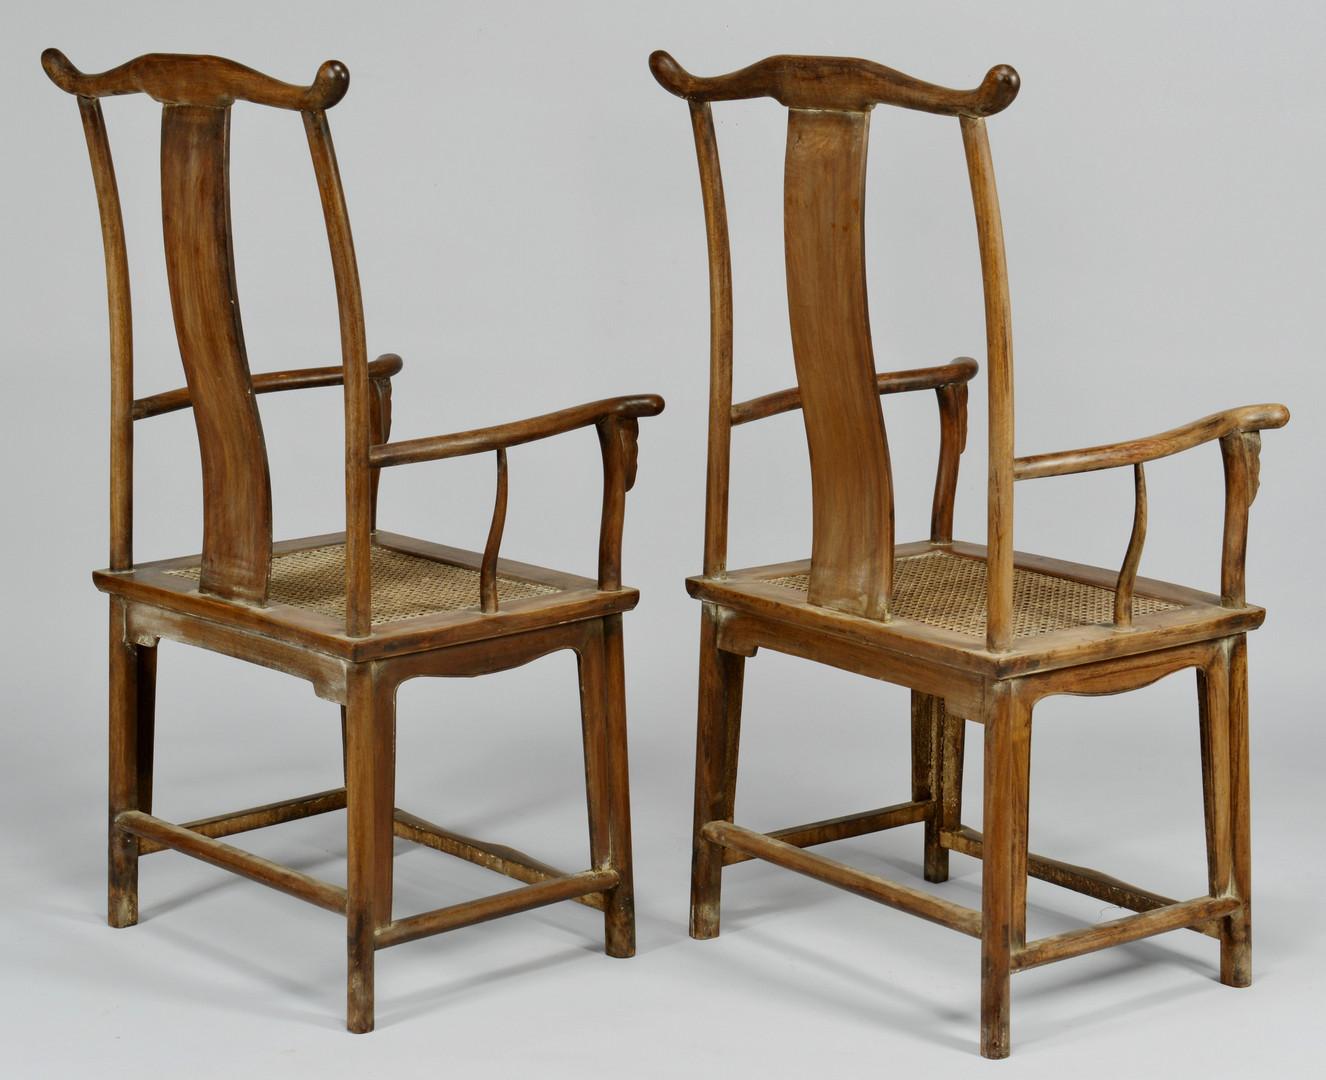 Lot 33: Pair of Chinese Hardwood Yokeback Armchairs, Modern